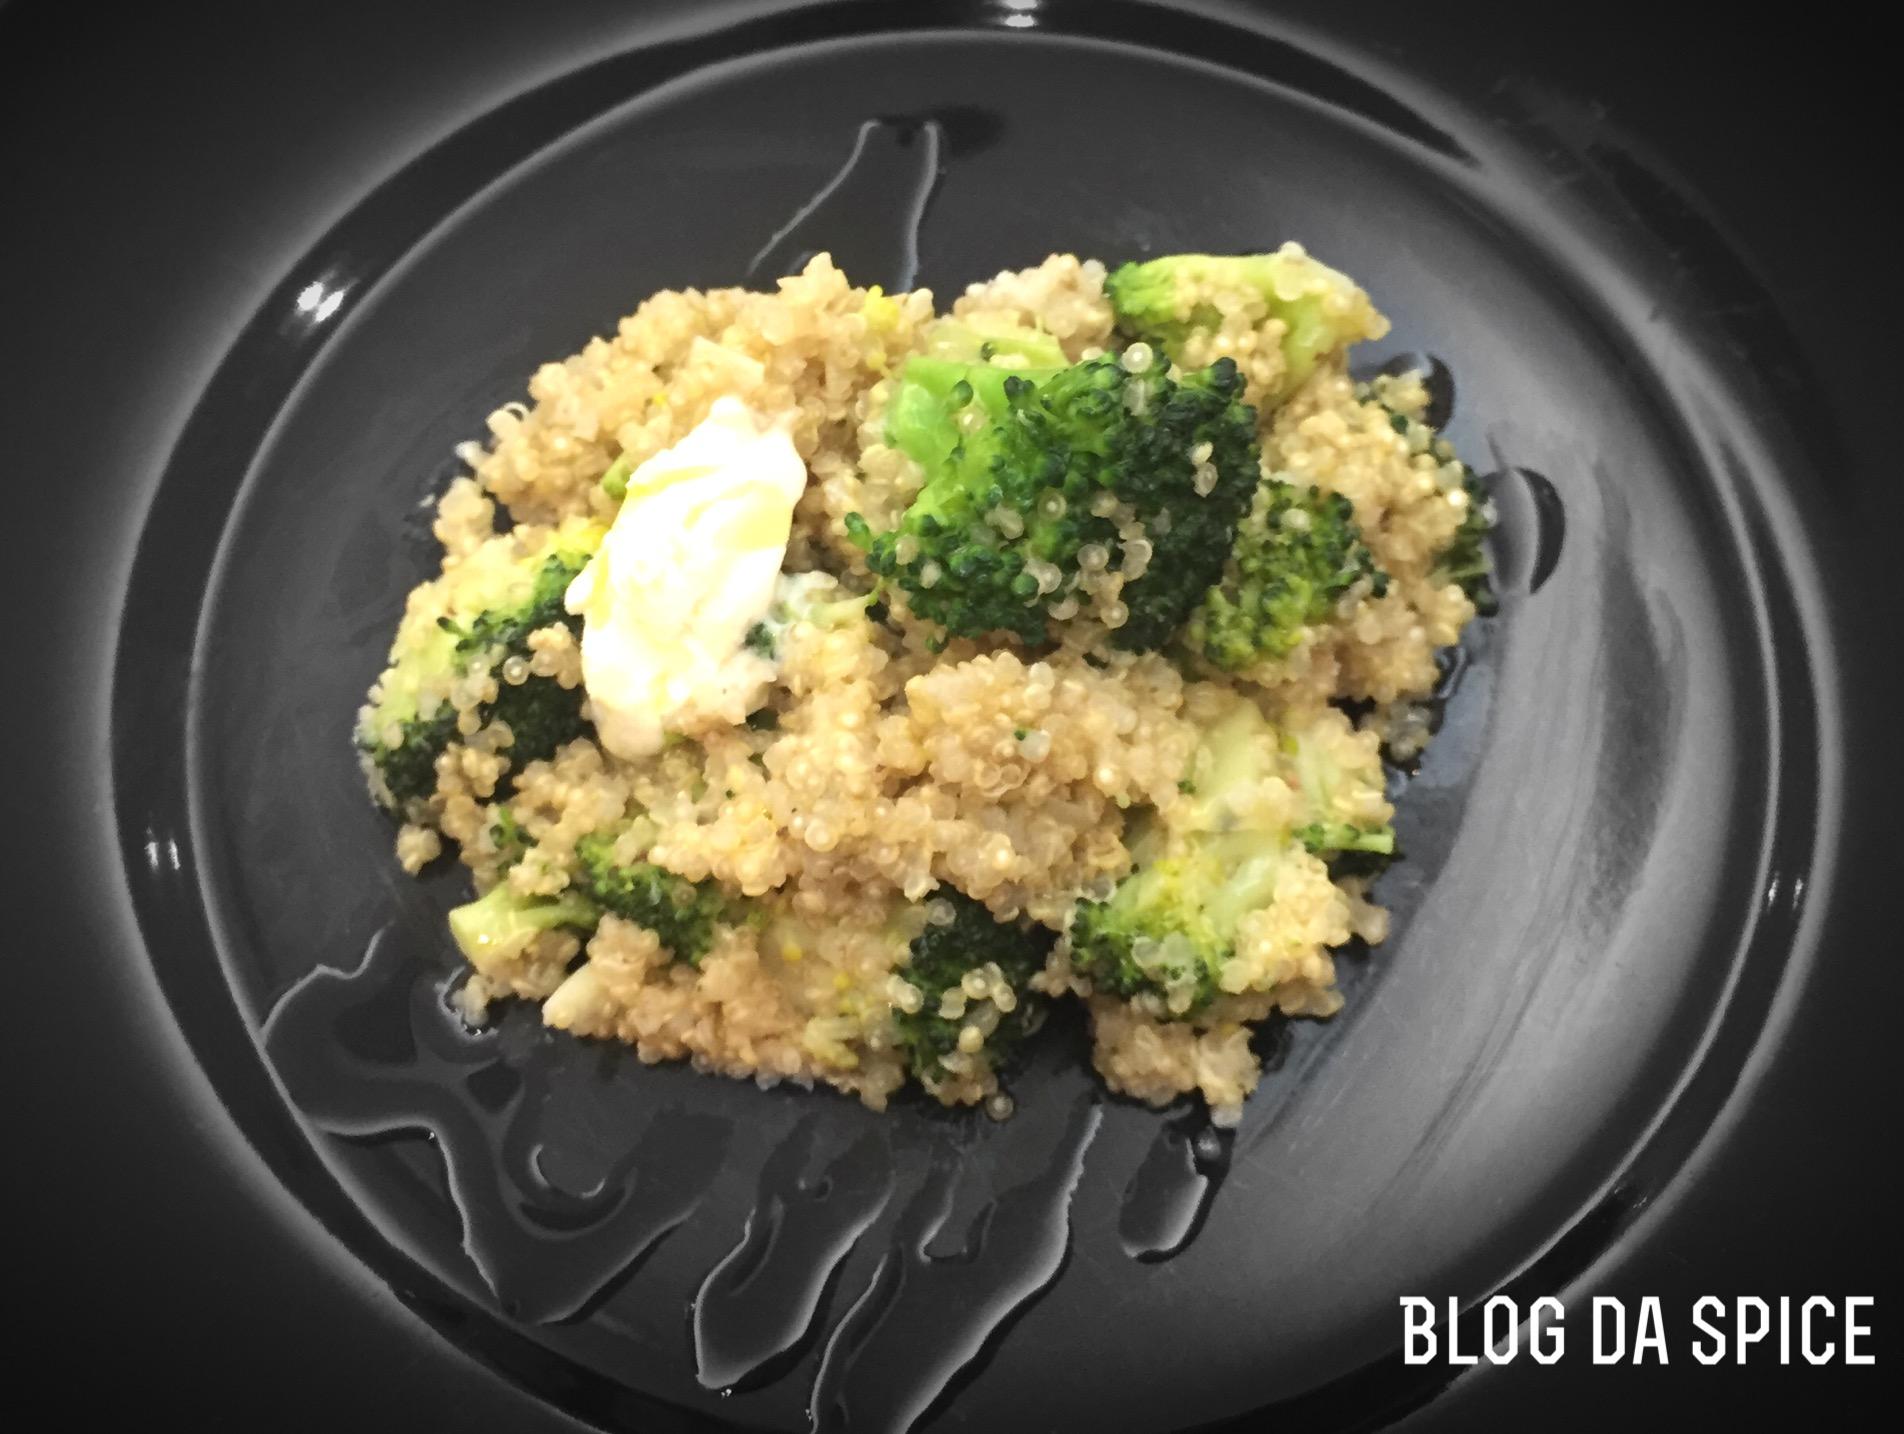 Quinoa com brócolos e mascarpone - Blog da Spice